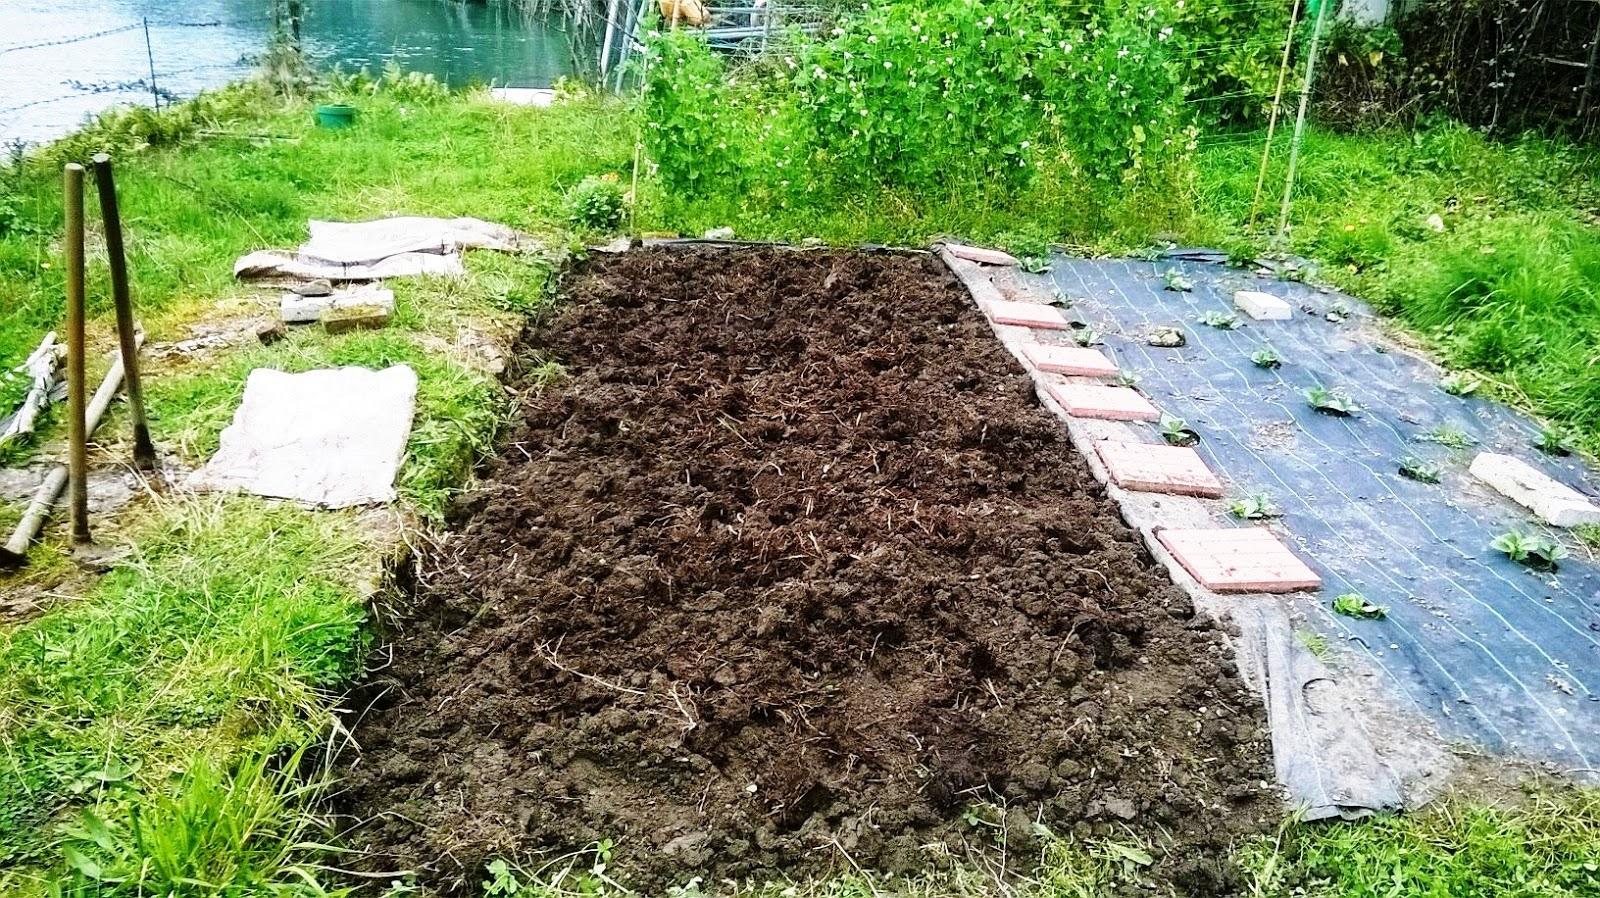 Molinillo de caf trabajo y abono de la tierra - Preparacion de la tierra para sembrar ...